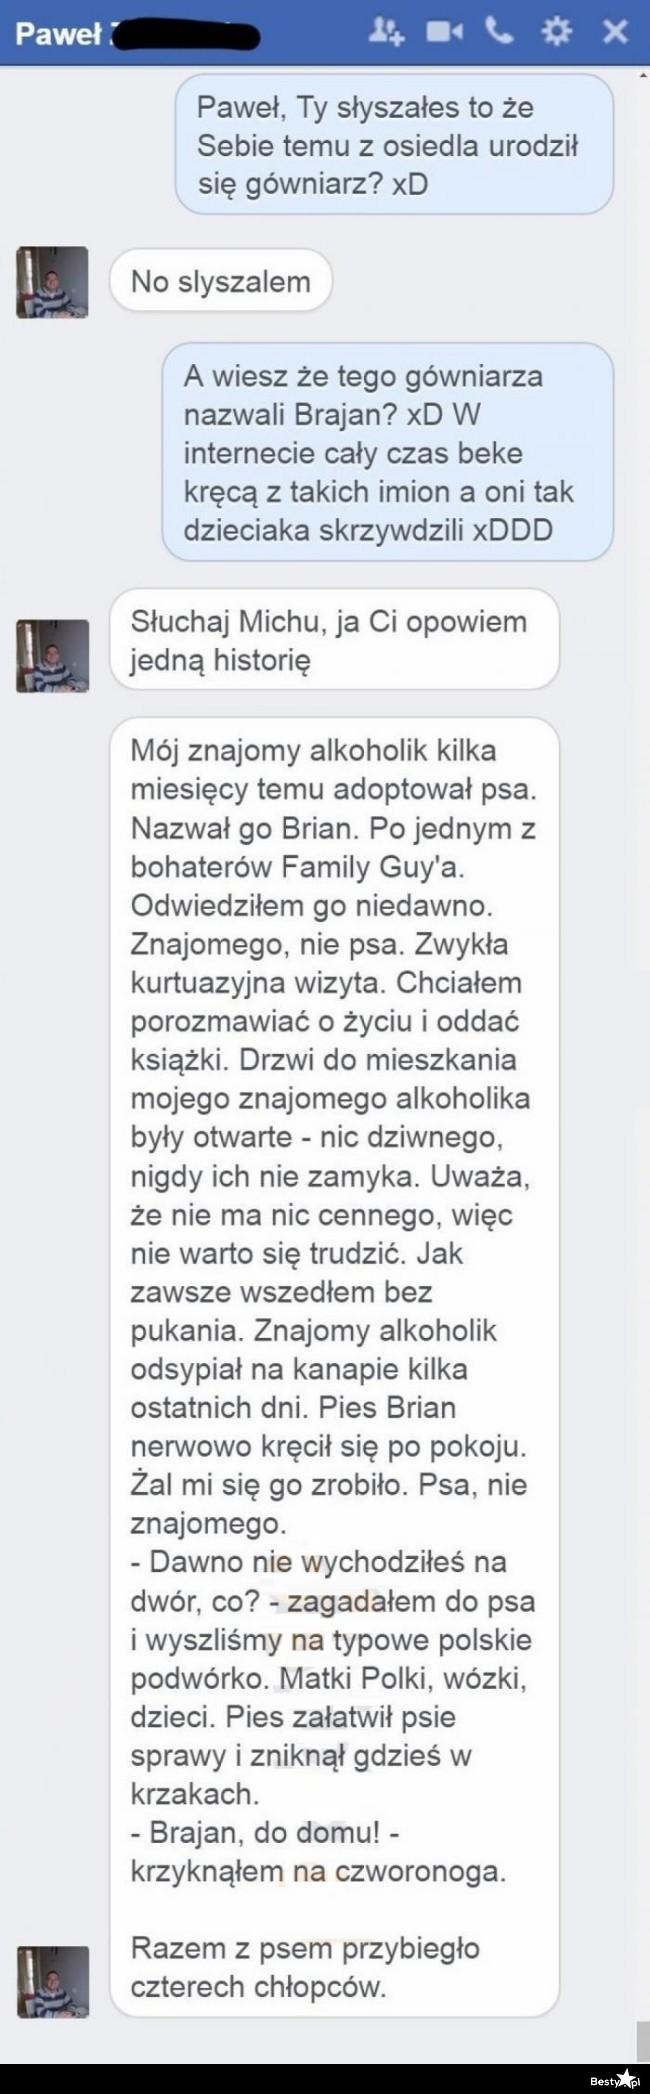 Genialna historia o Brajanie :D